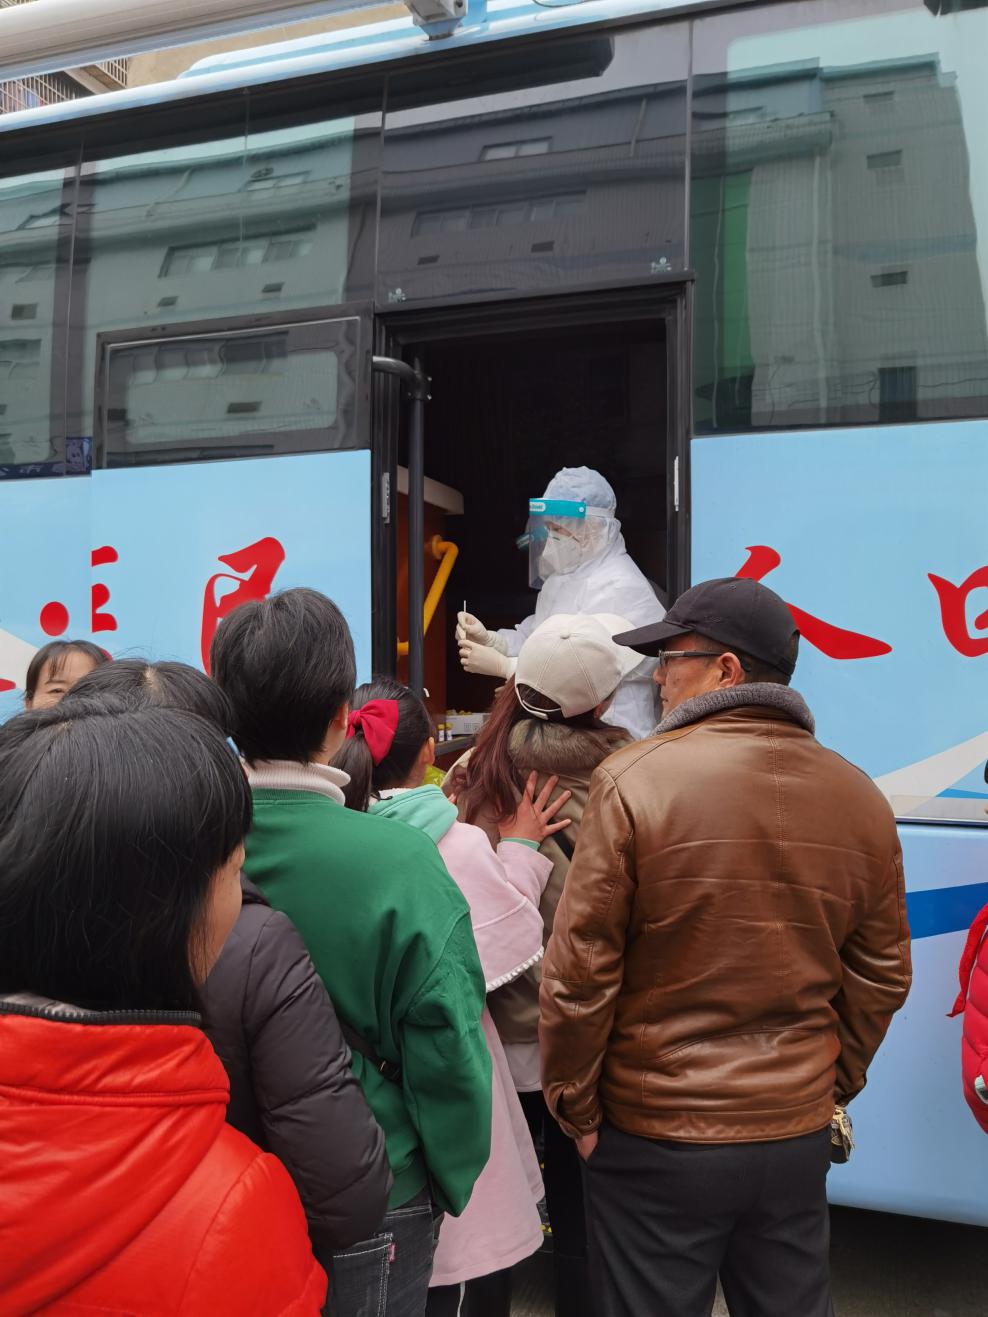 常德市第四人民医院为「德马」保驾护航,对参赛选手进行核酸检测